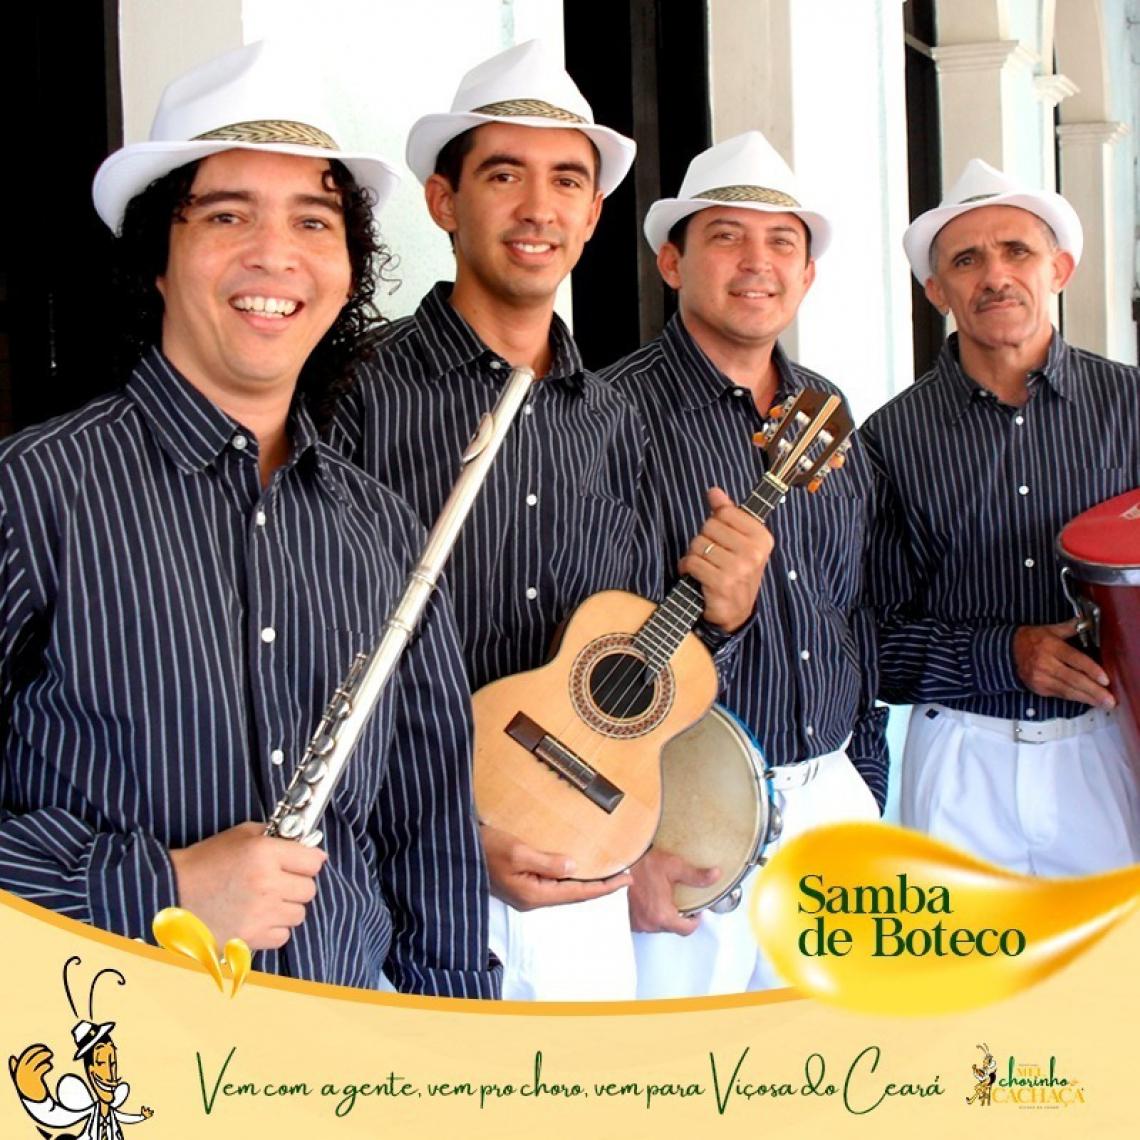 Grupo Samba de Boteco vai se apresentar no festival Mel, Chorinho e Cachaça, em Viçosa do Ceará